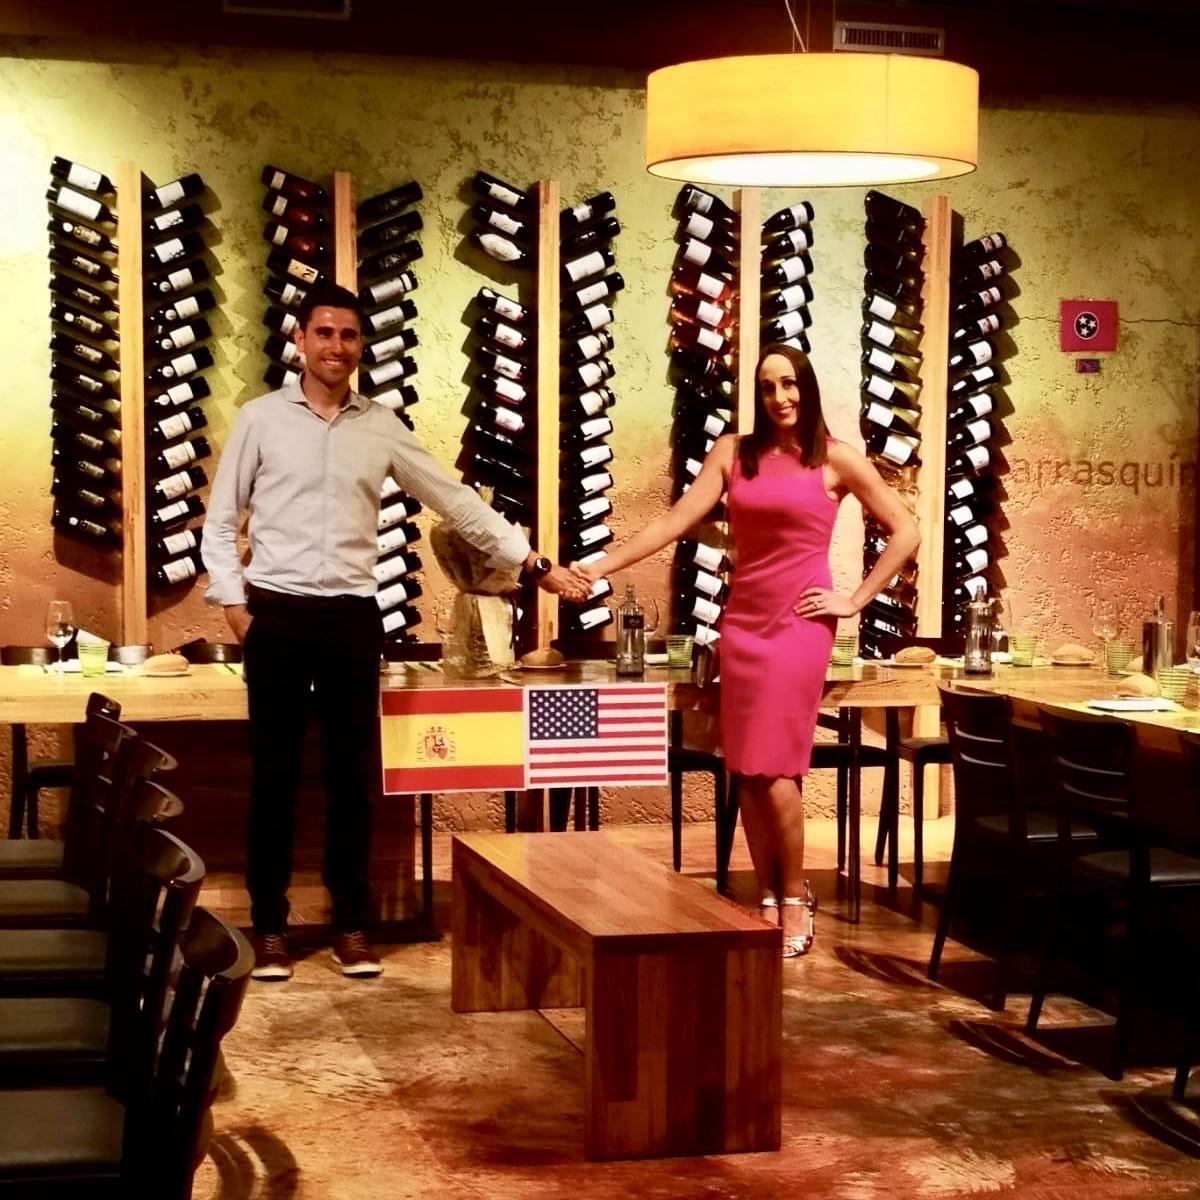 Boda Astur-Americana en Cangas de Onís con espicha en El Molín y banquete en el Parador